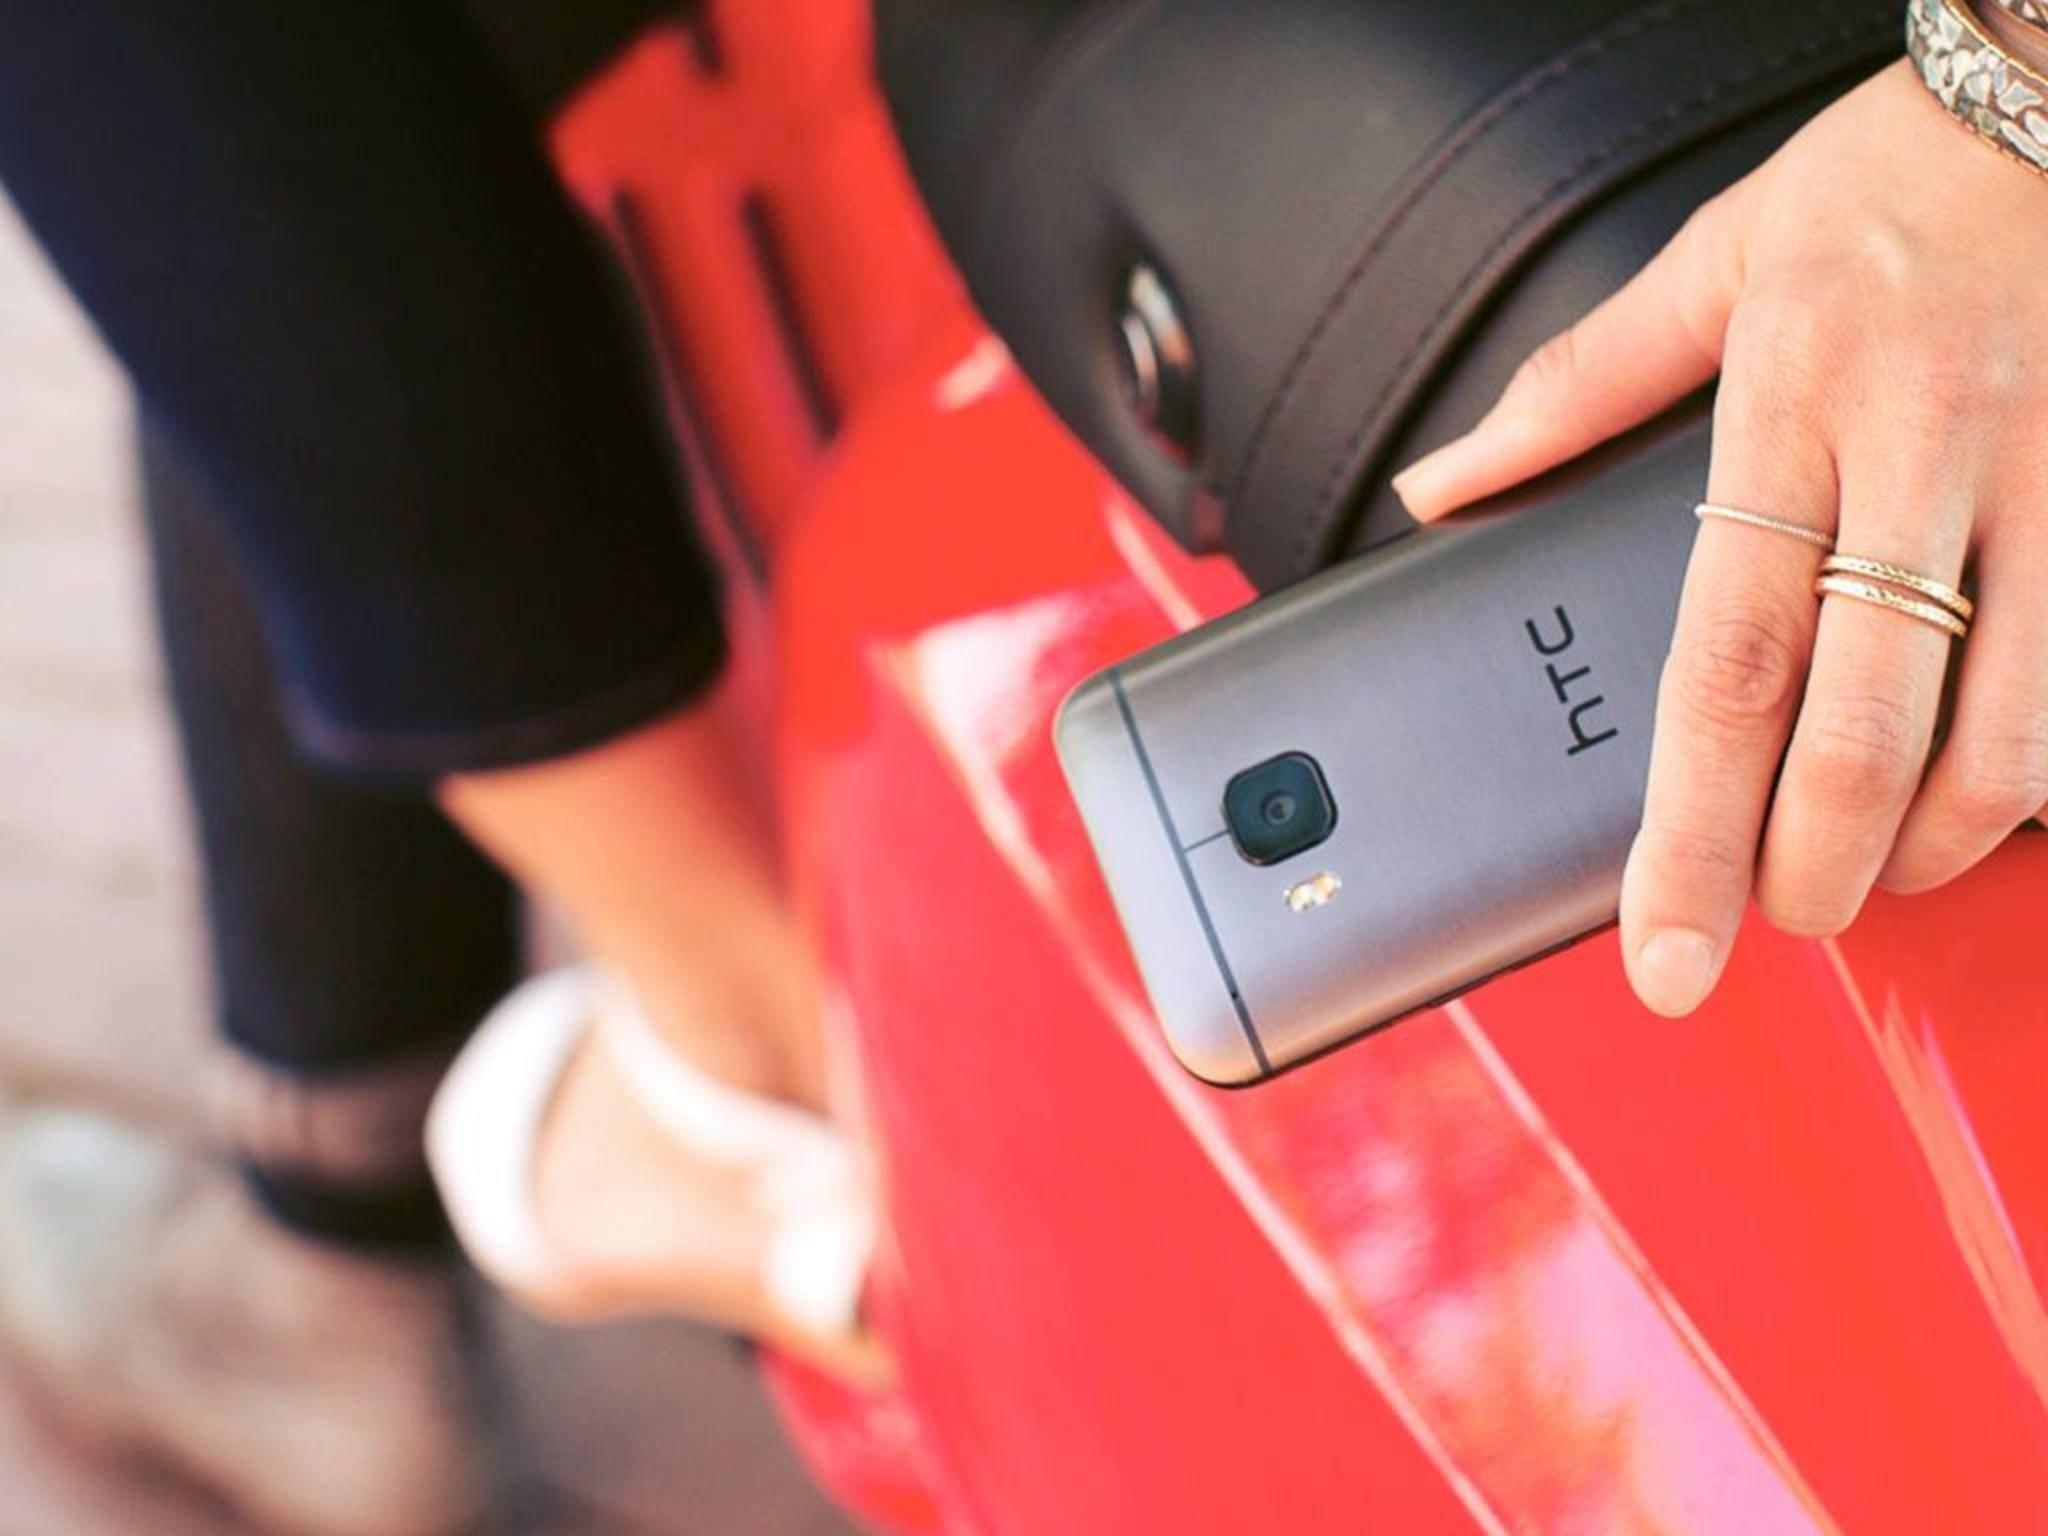 Der Nachfolger des HTC One M9 soll bei der Kameraqualität wieder vorne mitspielen können.